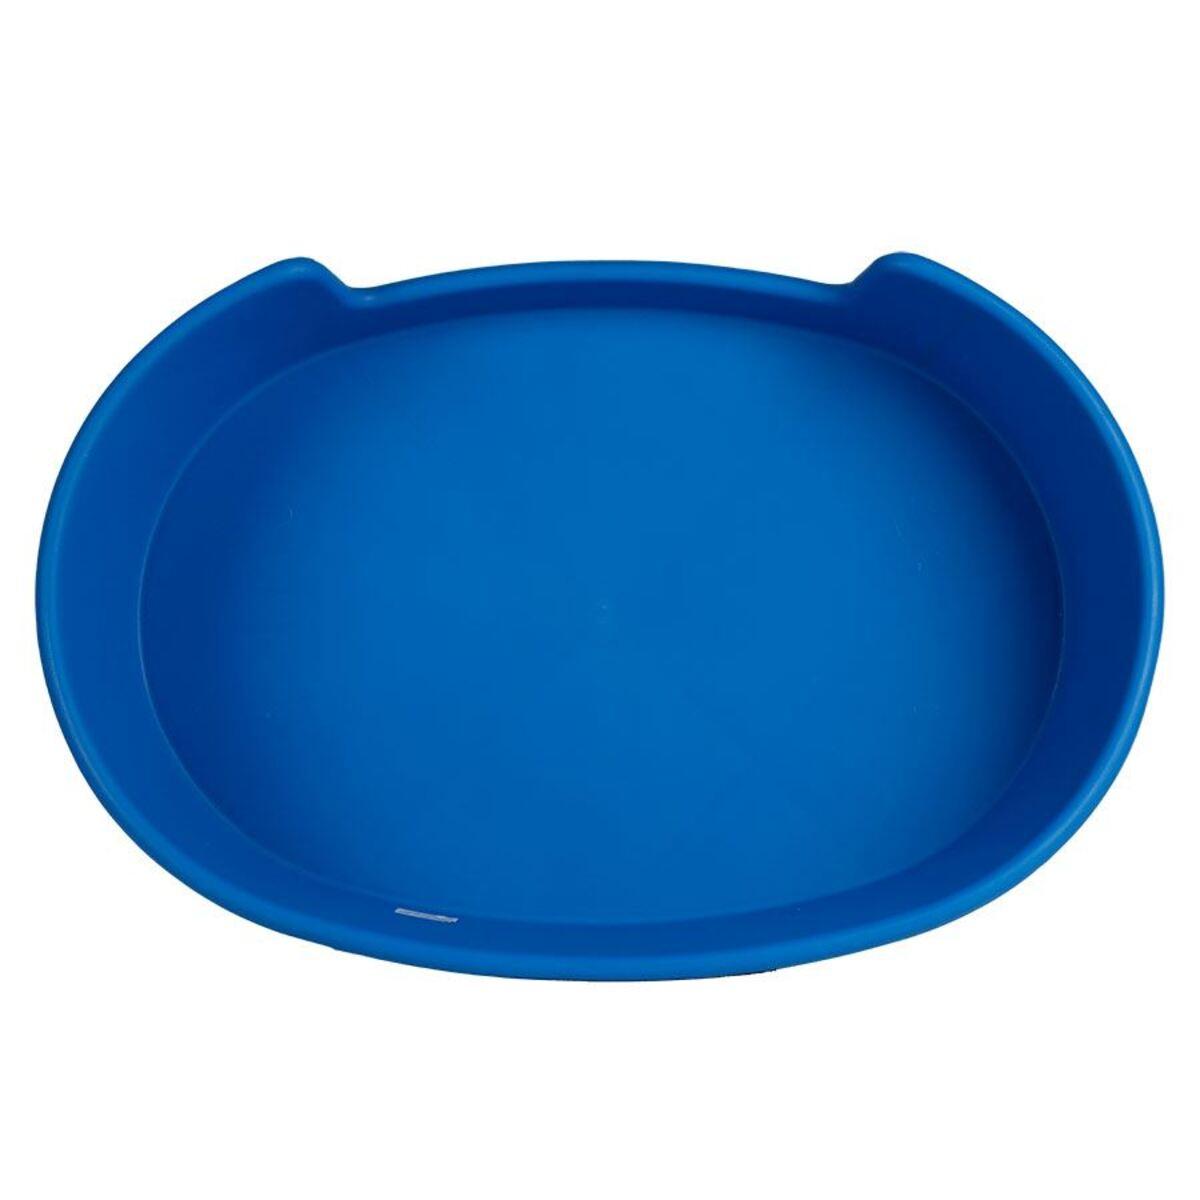 Bild 3 von Haustierkorb Kunststoff 70cm Blau